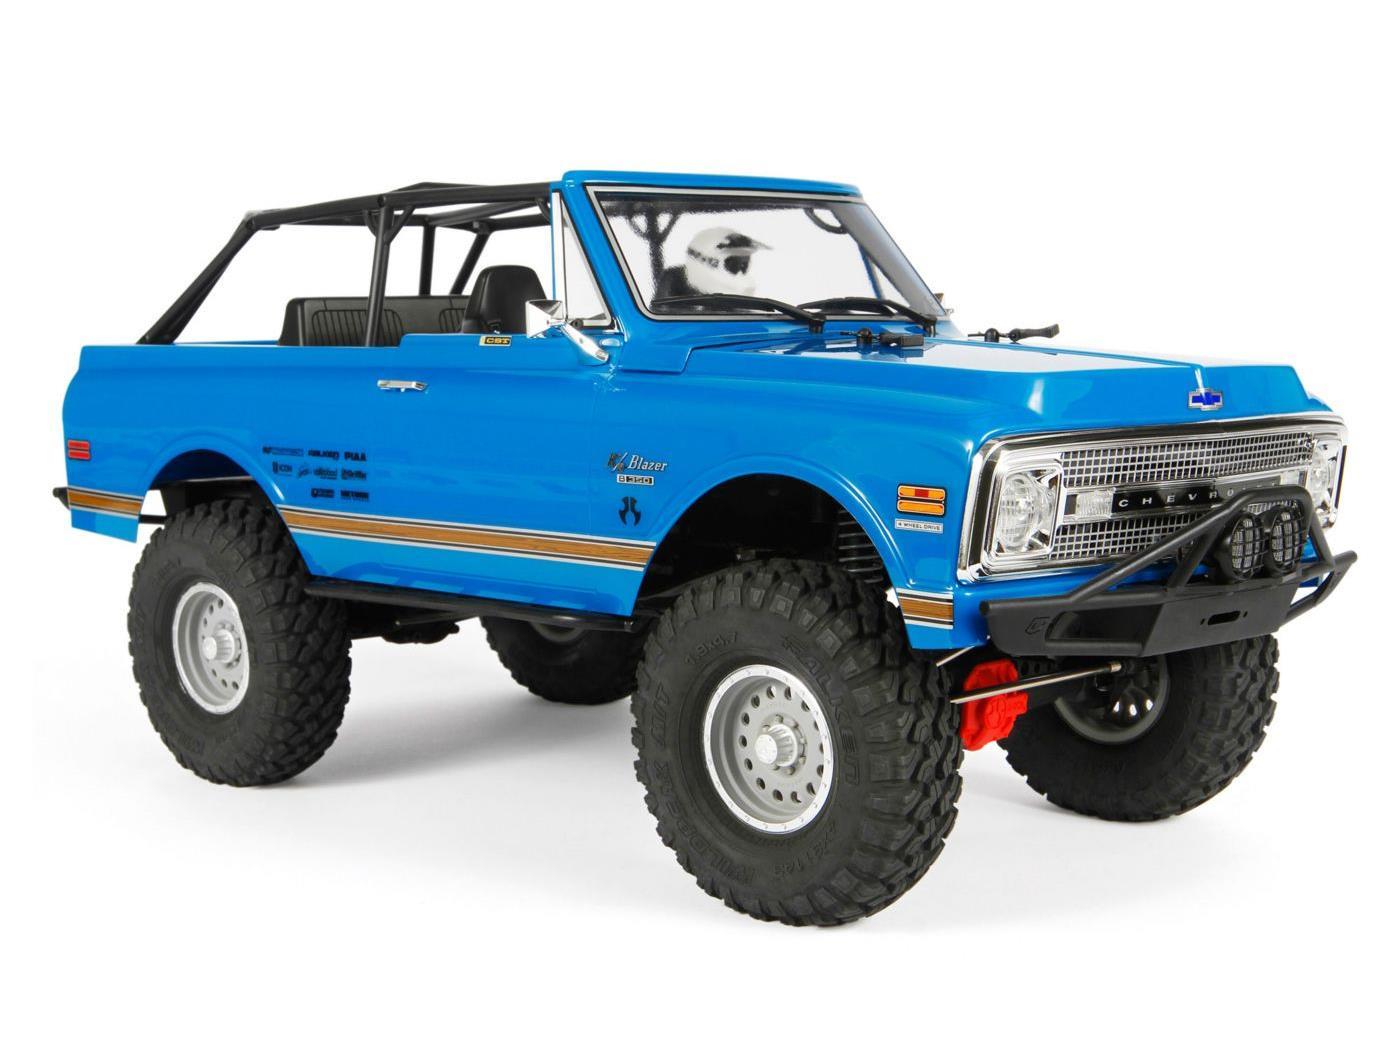 Axial SCX10 II 1969 Chevrolet Blazer 4wd 1:10 RTR